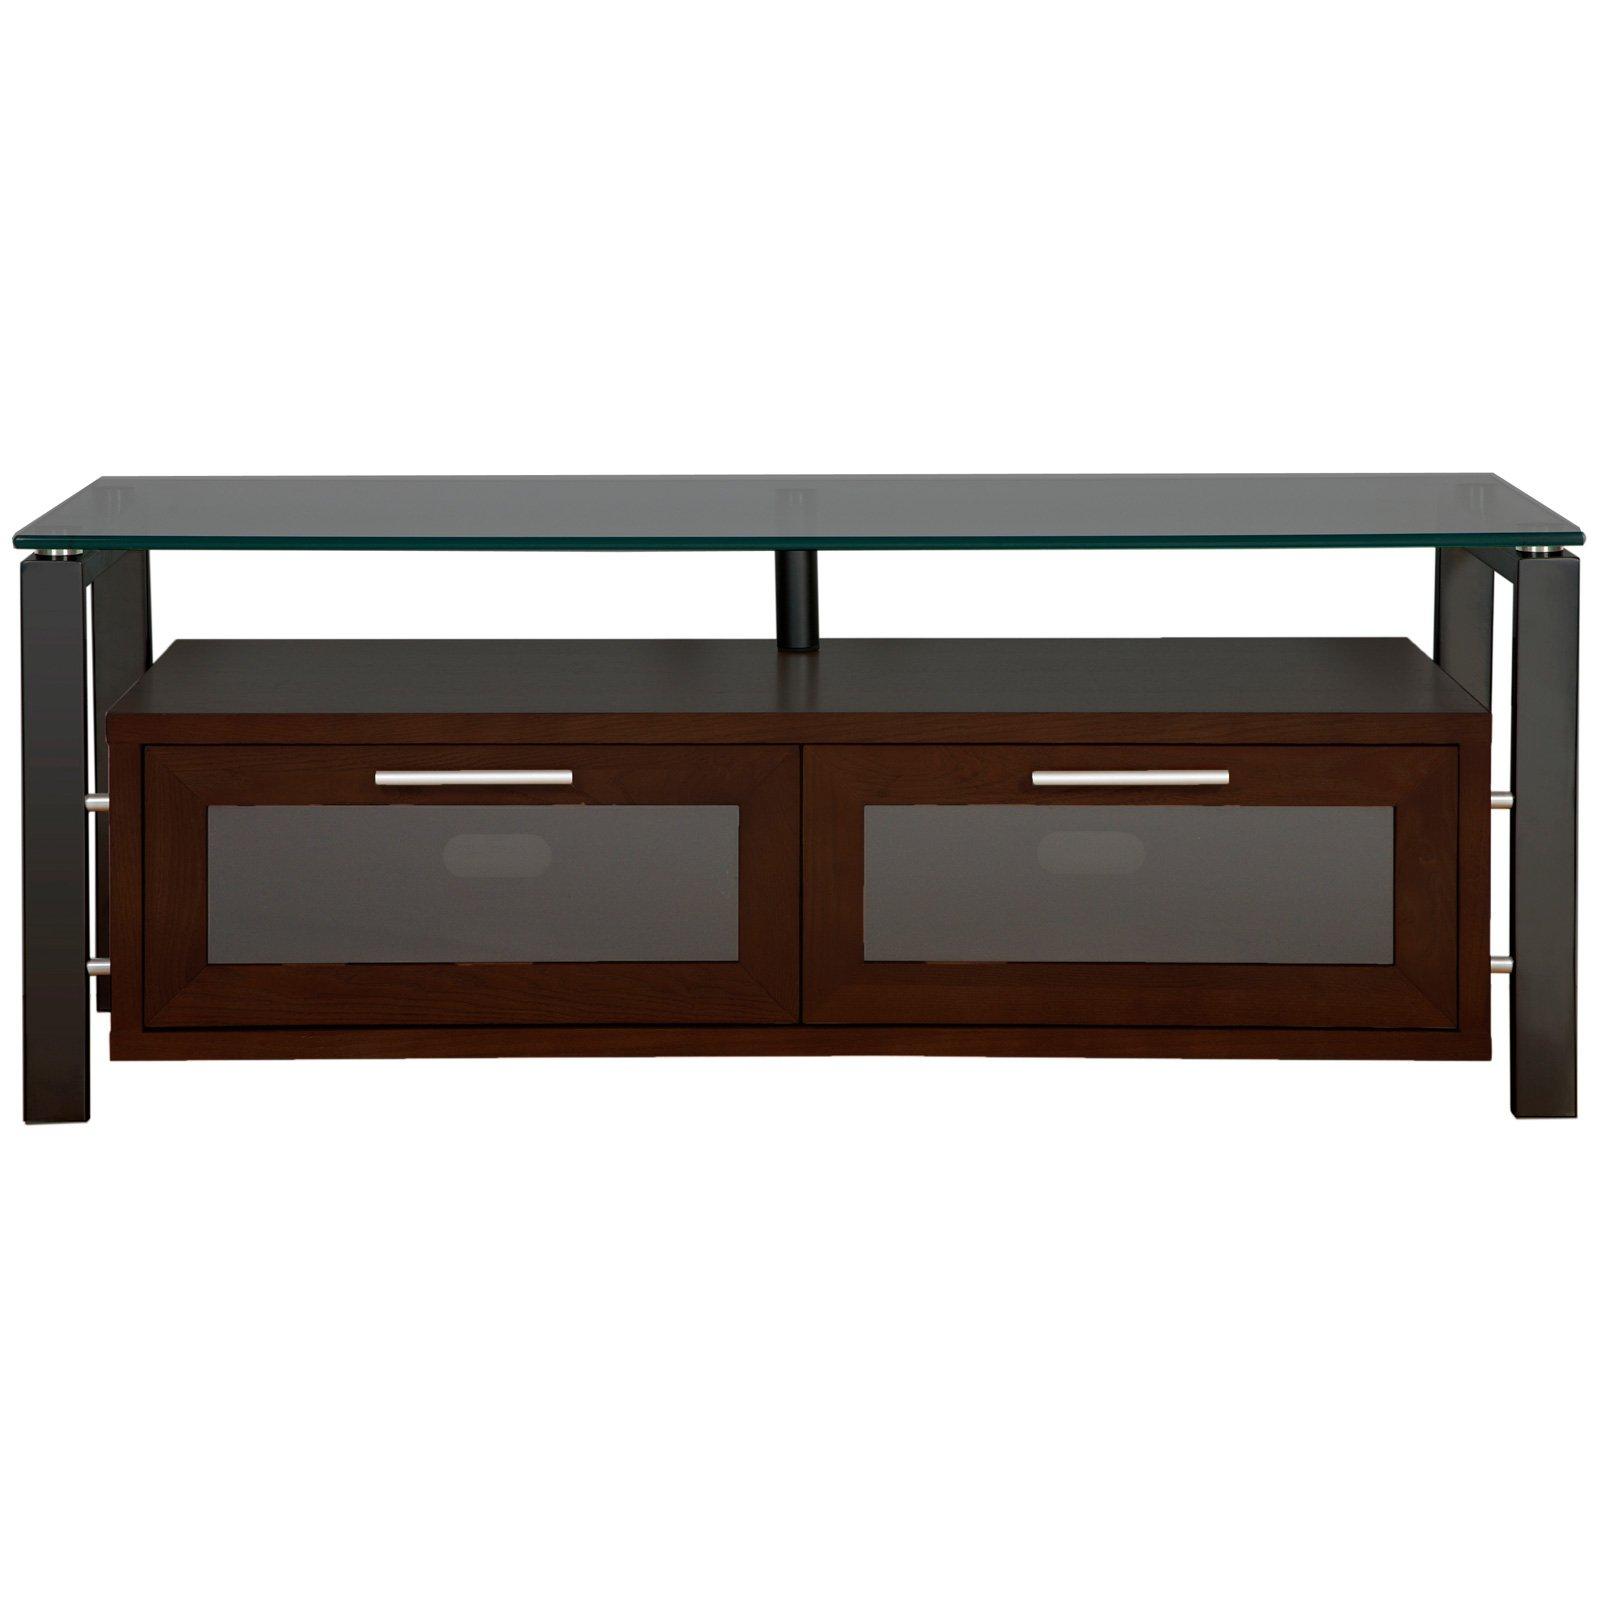 Plateau Decor 50 Inch TV Stand in Espresso/Black and Black